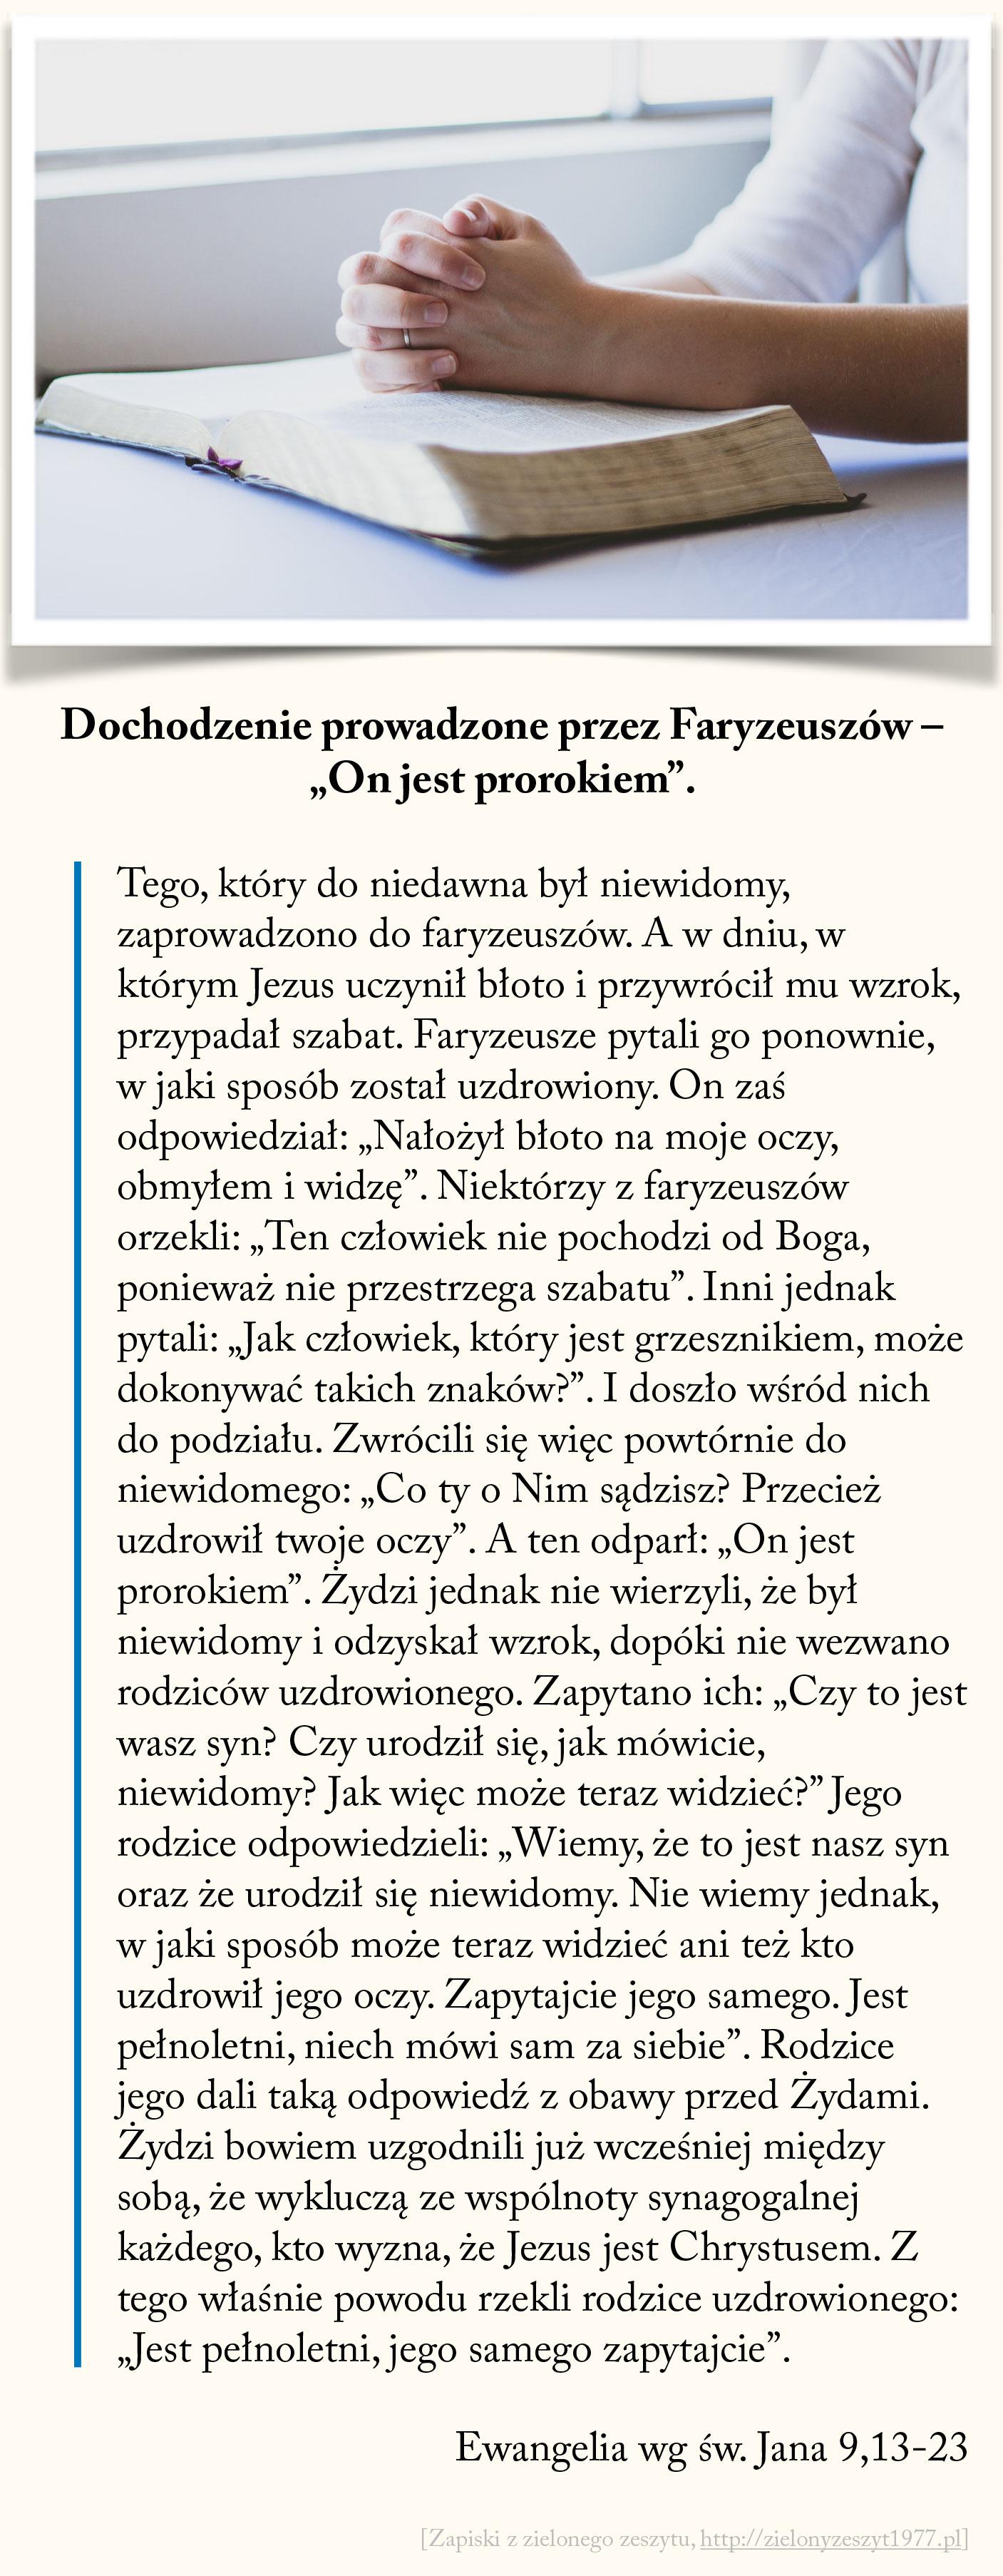 """Dochodzenie prowadzone przez Faryzeuszów - """"On jest prorokiem"""", Ewangelia wg św. Jana"""